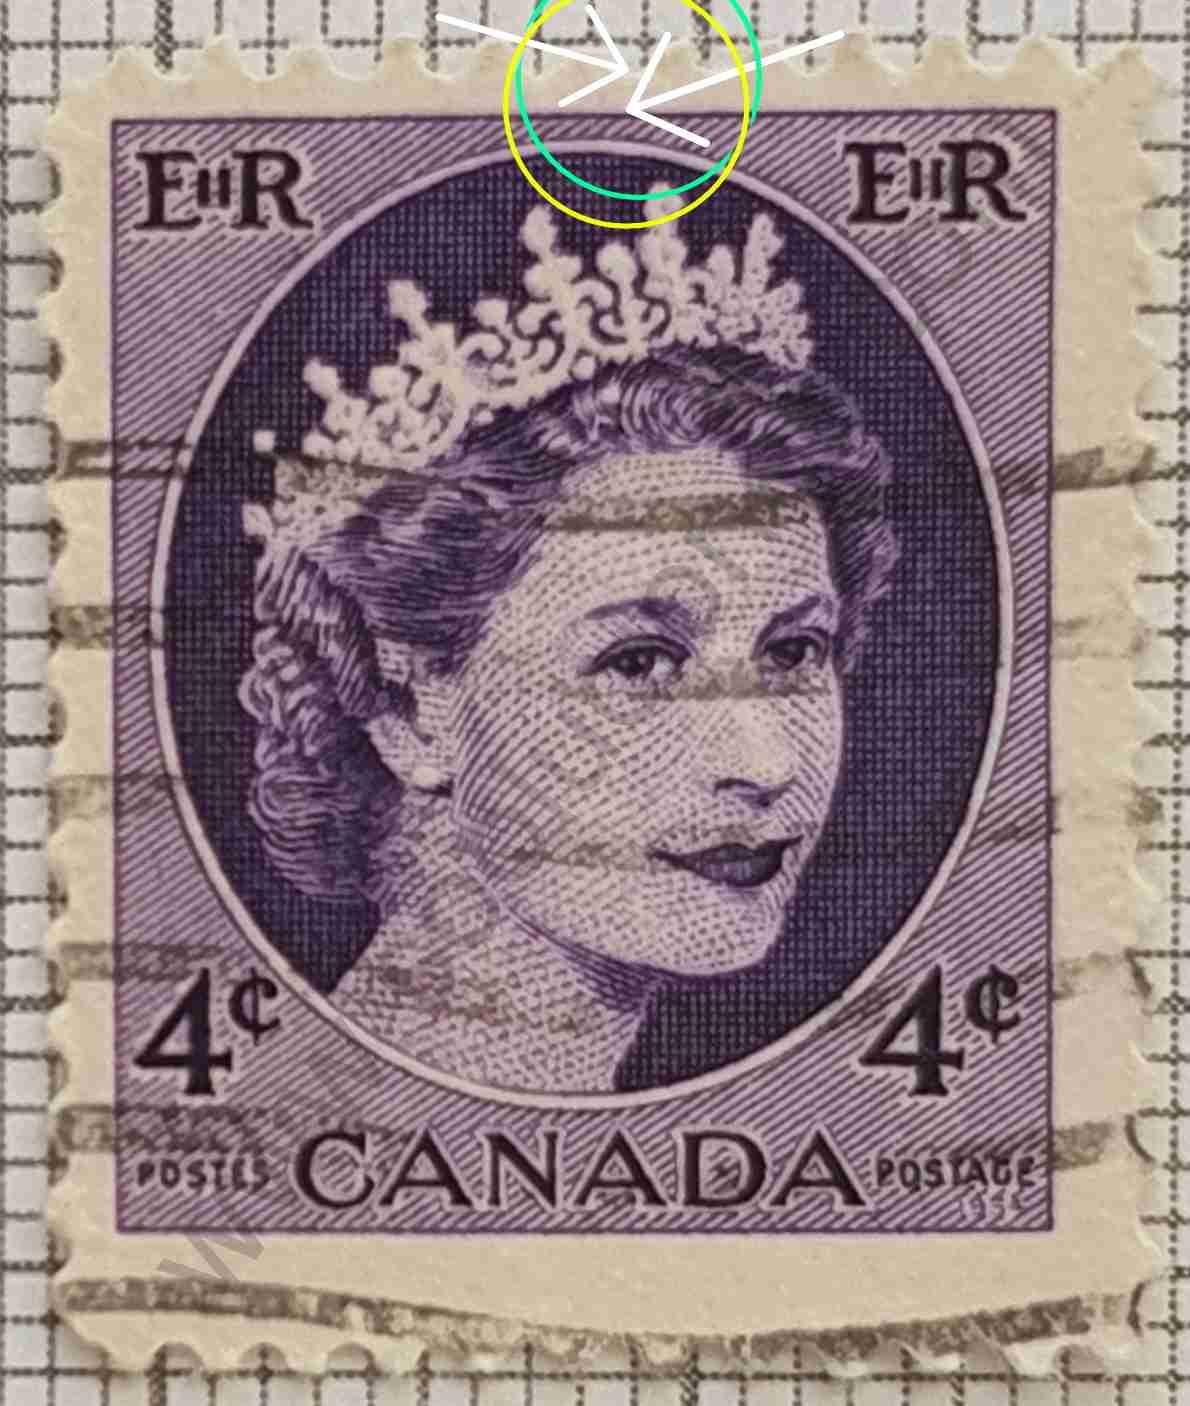 Canadá Sello Elizabeth II - año 1962 variante